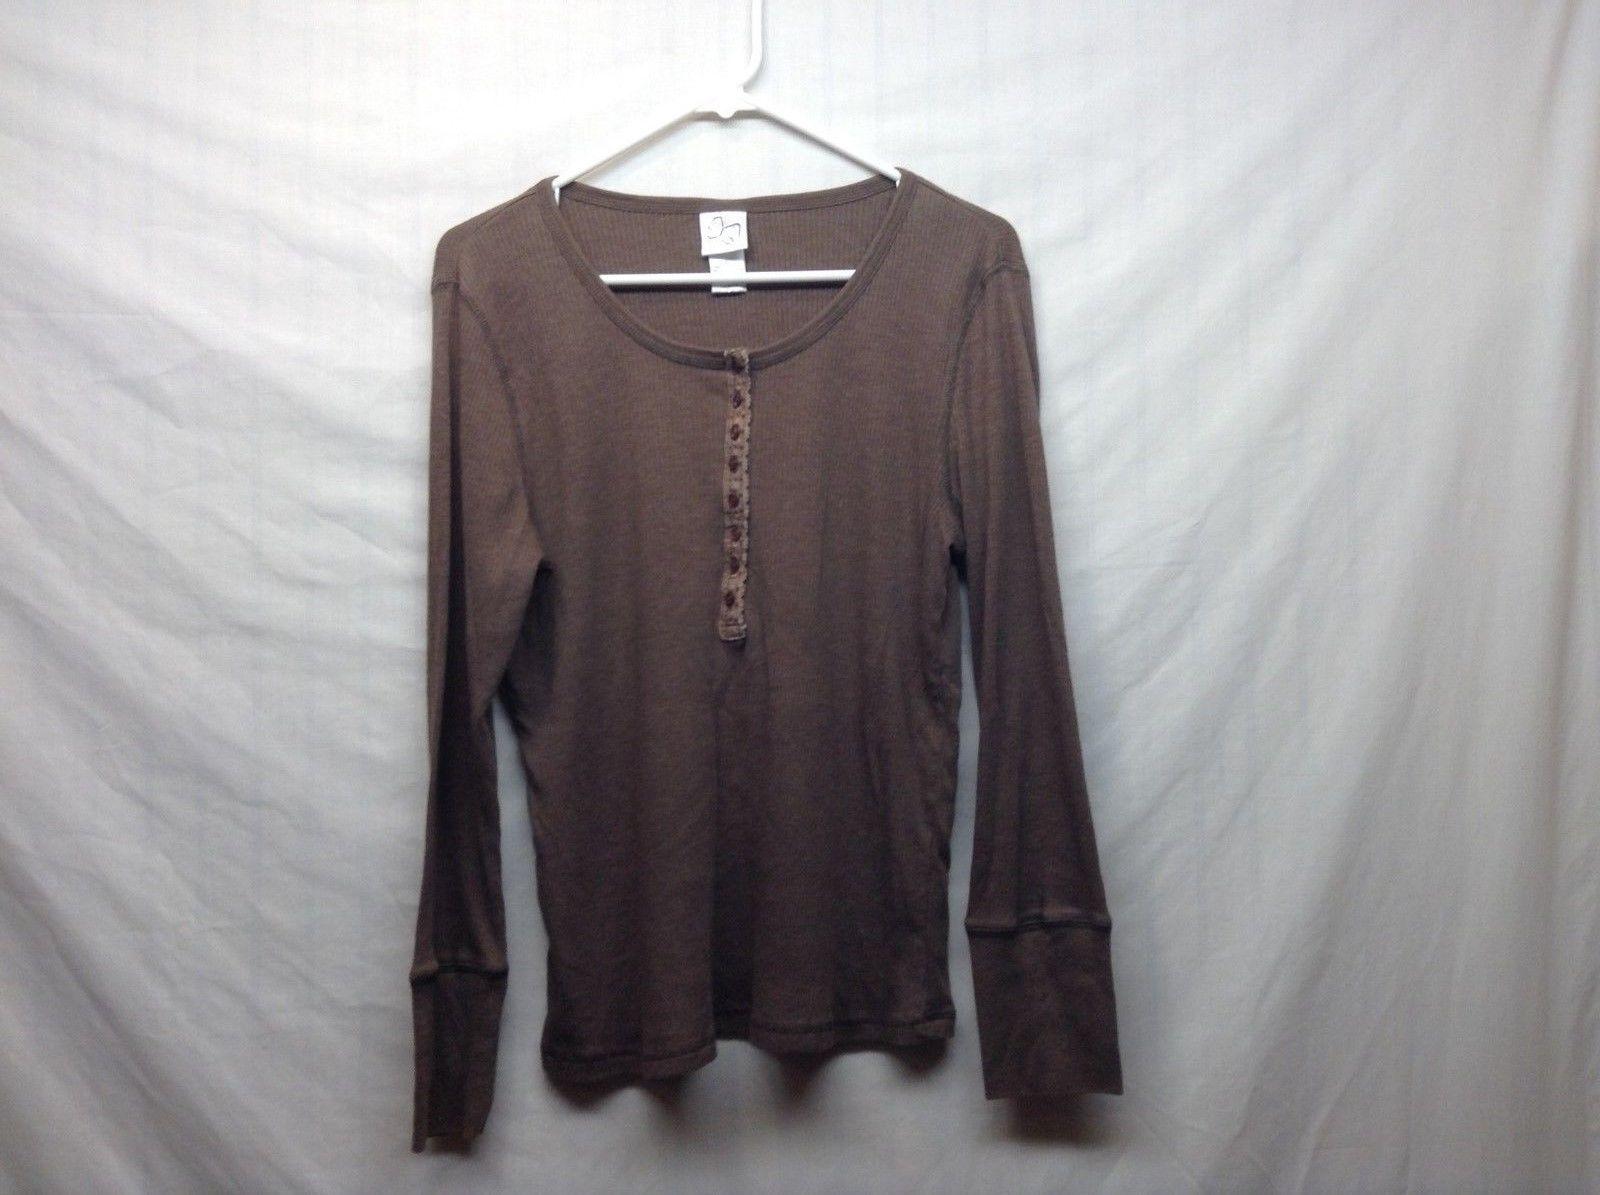 ButterflyTM Brown Scoop Neck Long Sleeve Pullover Sz LG